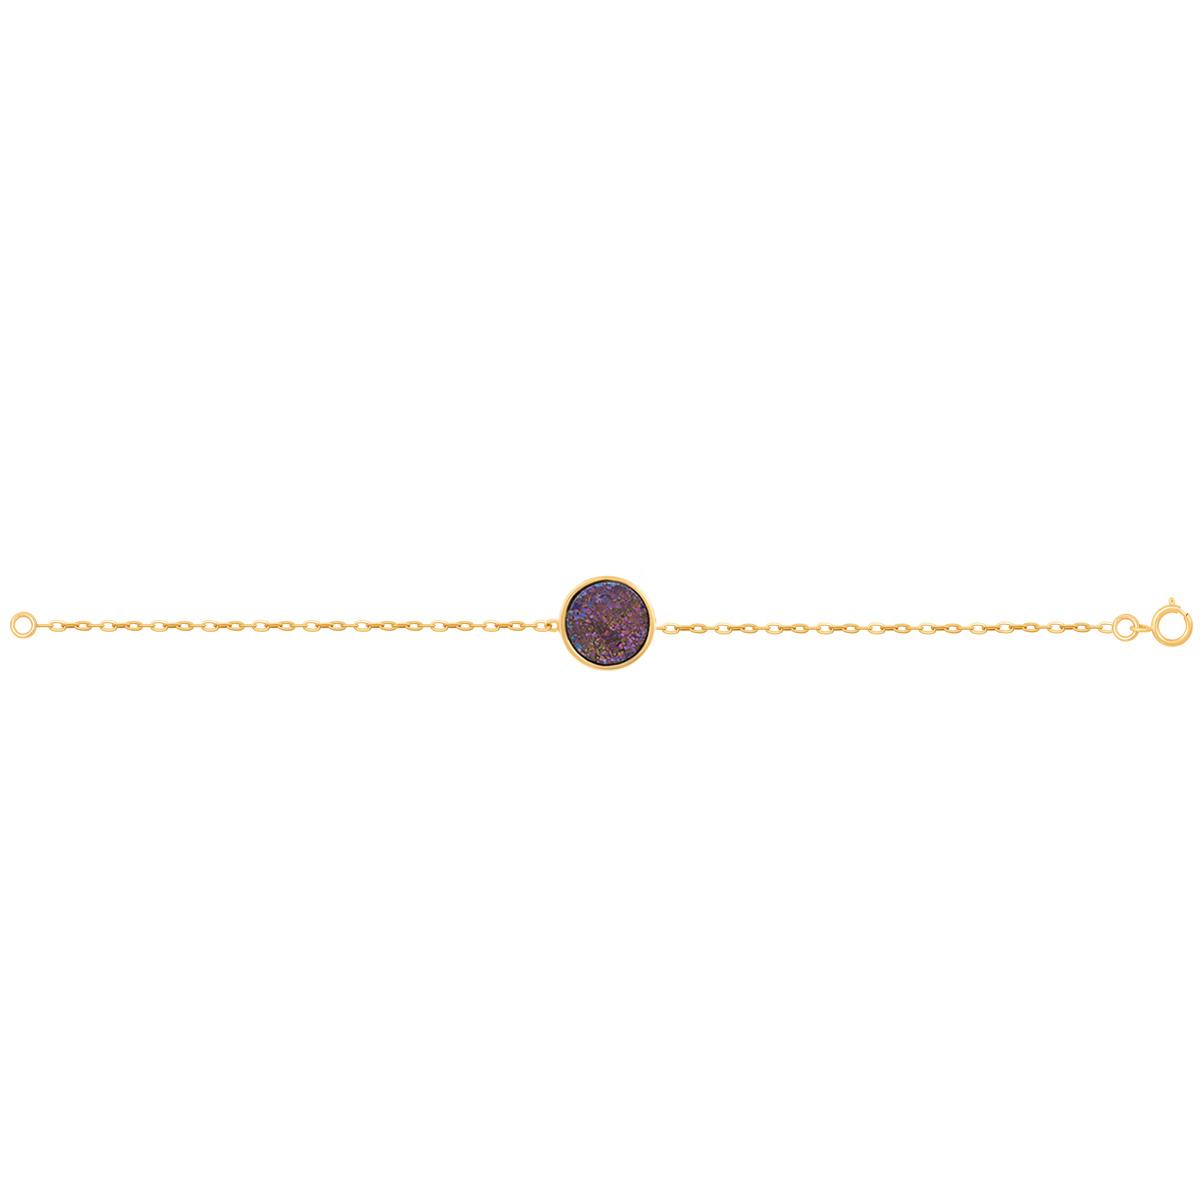 دستبند طلا کوارتز هفت رنگ کوچک